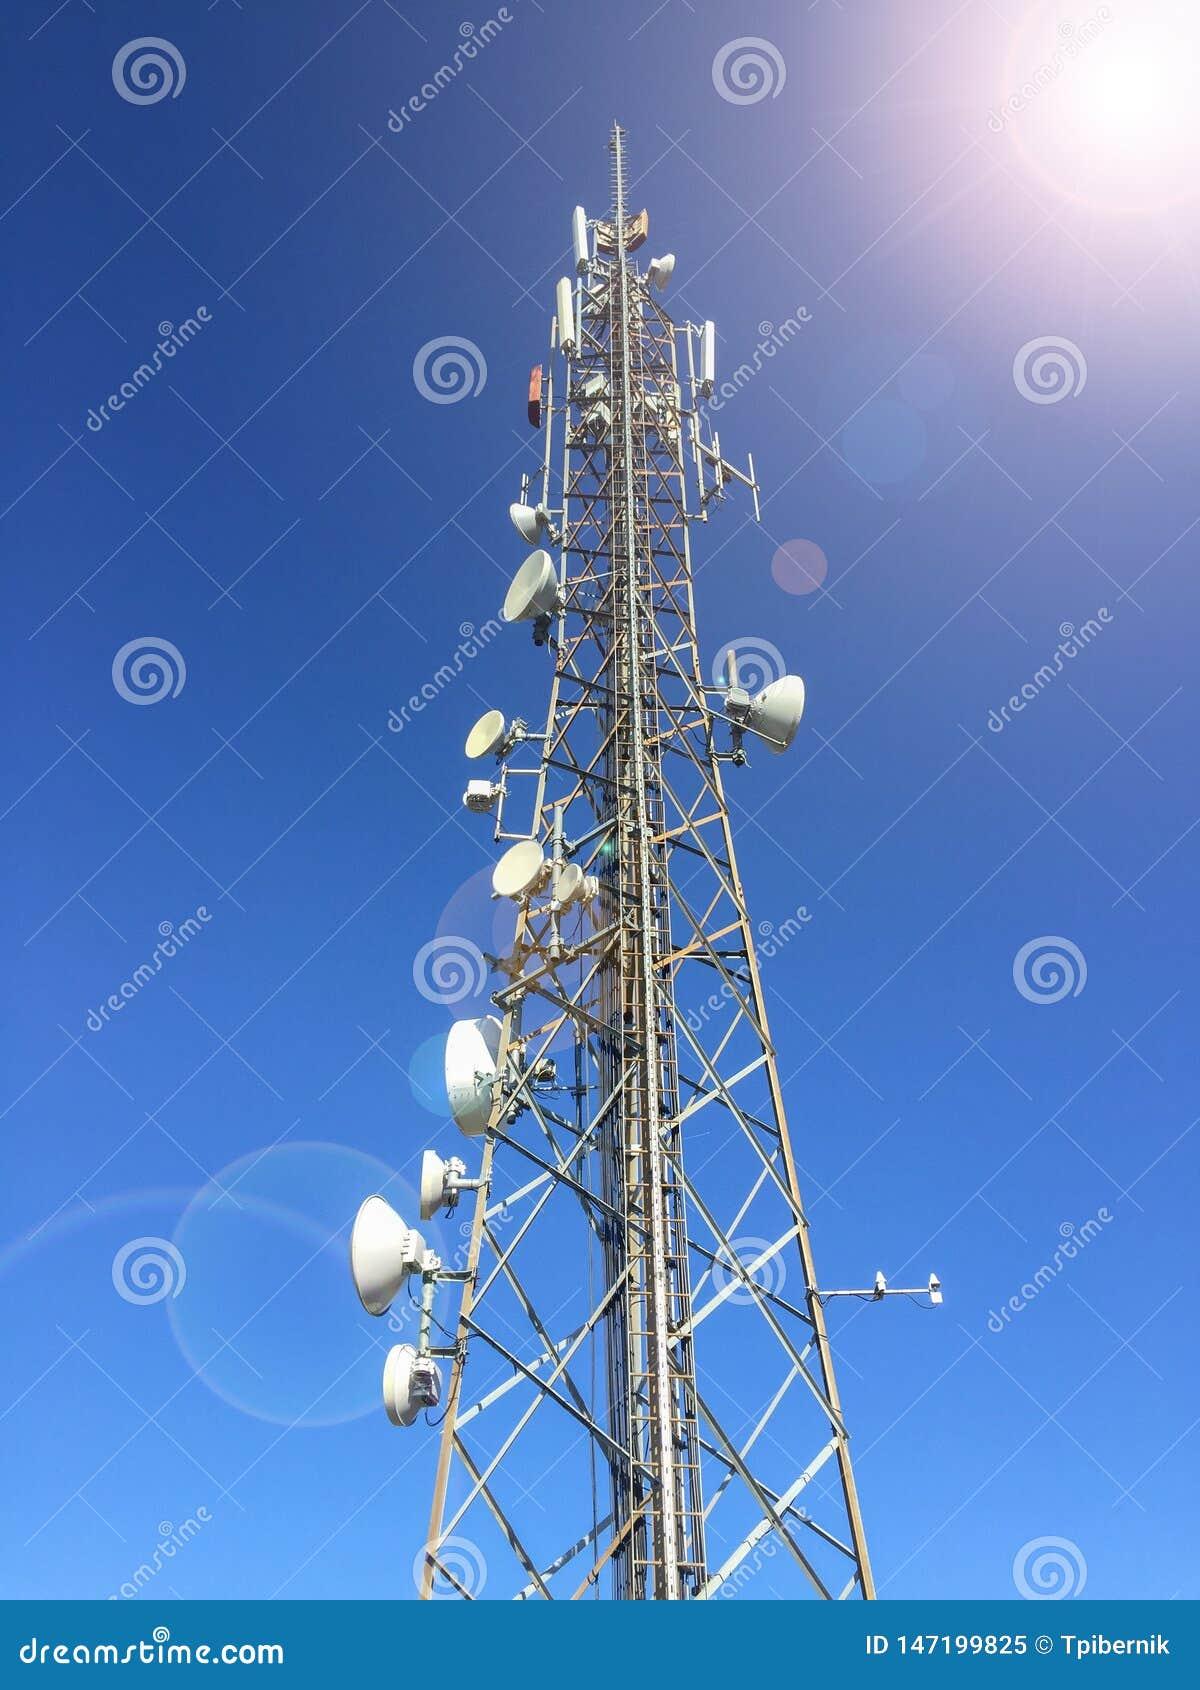 Υψηλός πύργος τηλεπικοινωνιών σταθμών βάσης κεραιών δικτύων μετάλλων ραδιο κυψελοειδής με πολλές κεραίες μικροκυμάτων